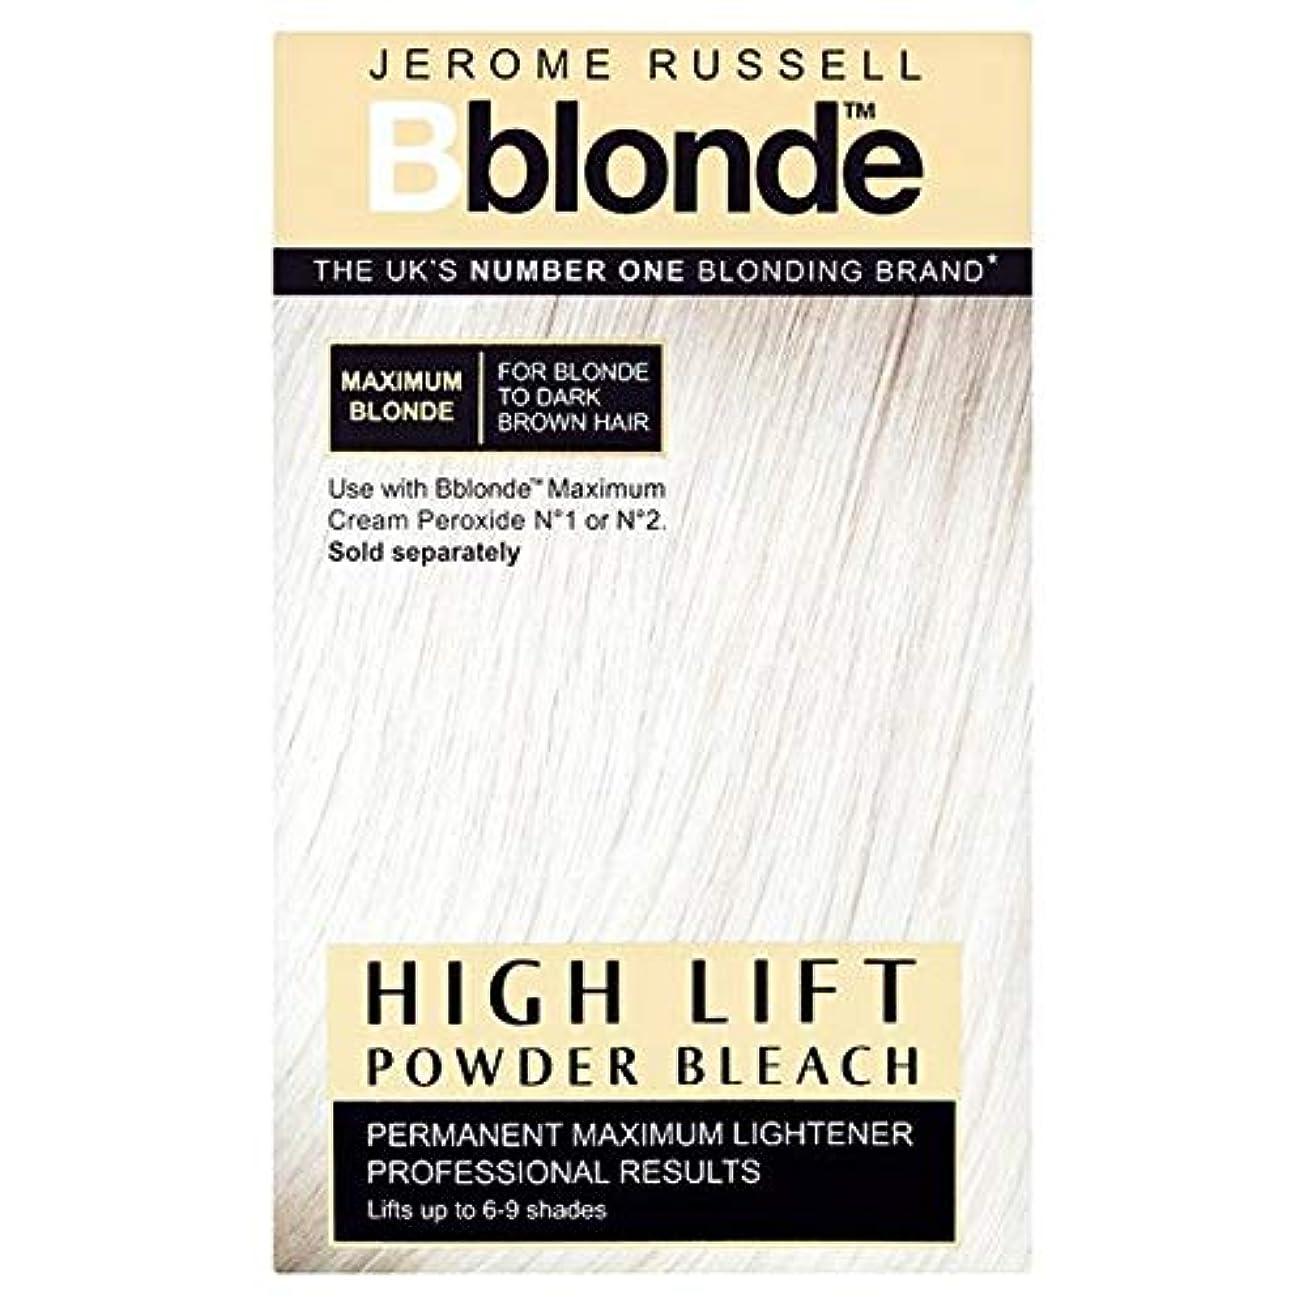 つぼみスクリーチ法的[Jerome Russell] ジェロームラッセルBブロンド高リフト粉末漂白剤 - Jerome Russell B Blonde High Lift Powder Bleach [並行輸入品]